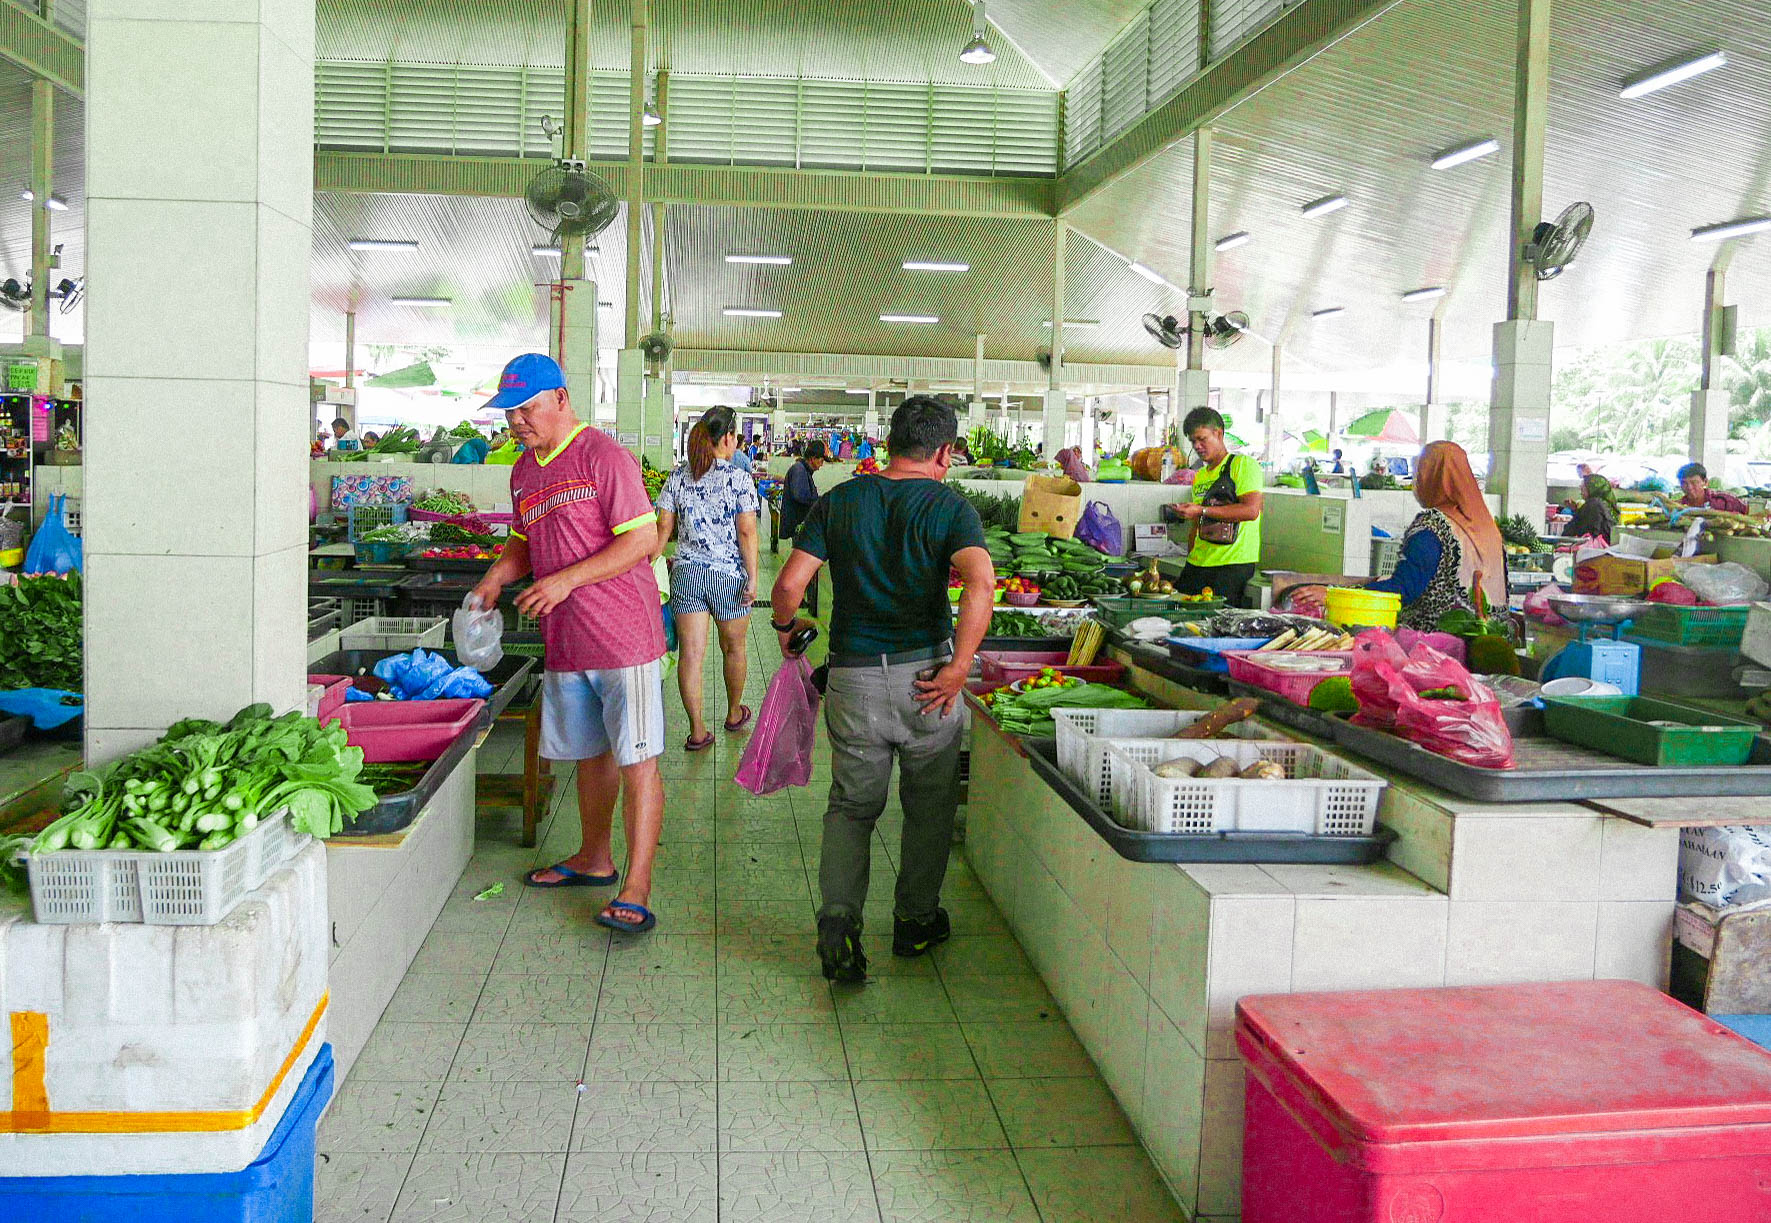 co zobaczyć w brunei? market